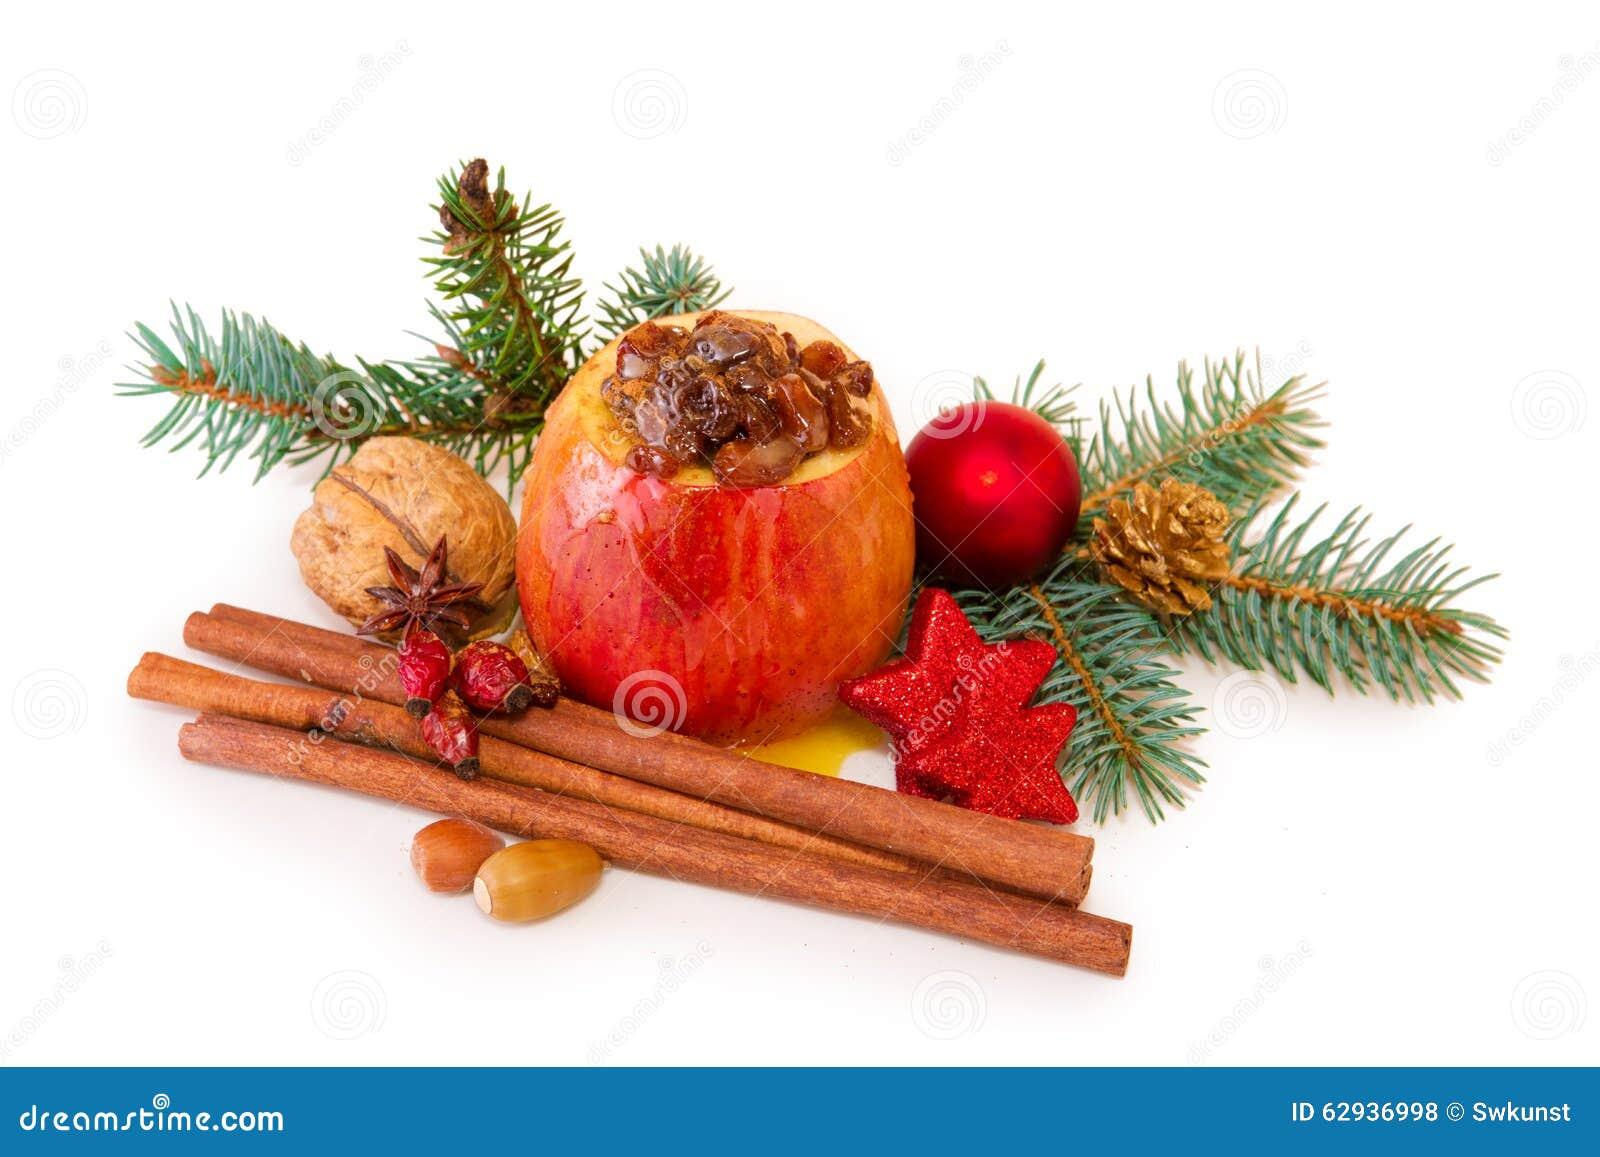 bratapfel mit der weihnachtsdekoration lokalisiert stockfoto bild 62936998. Black Bedroom Furniture Sets. Home Design Ideas